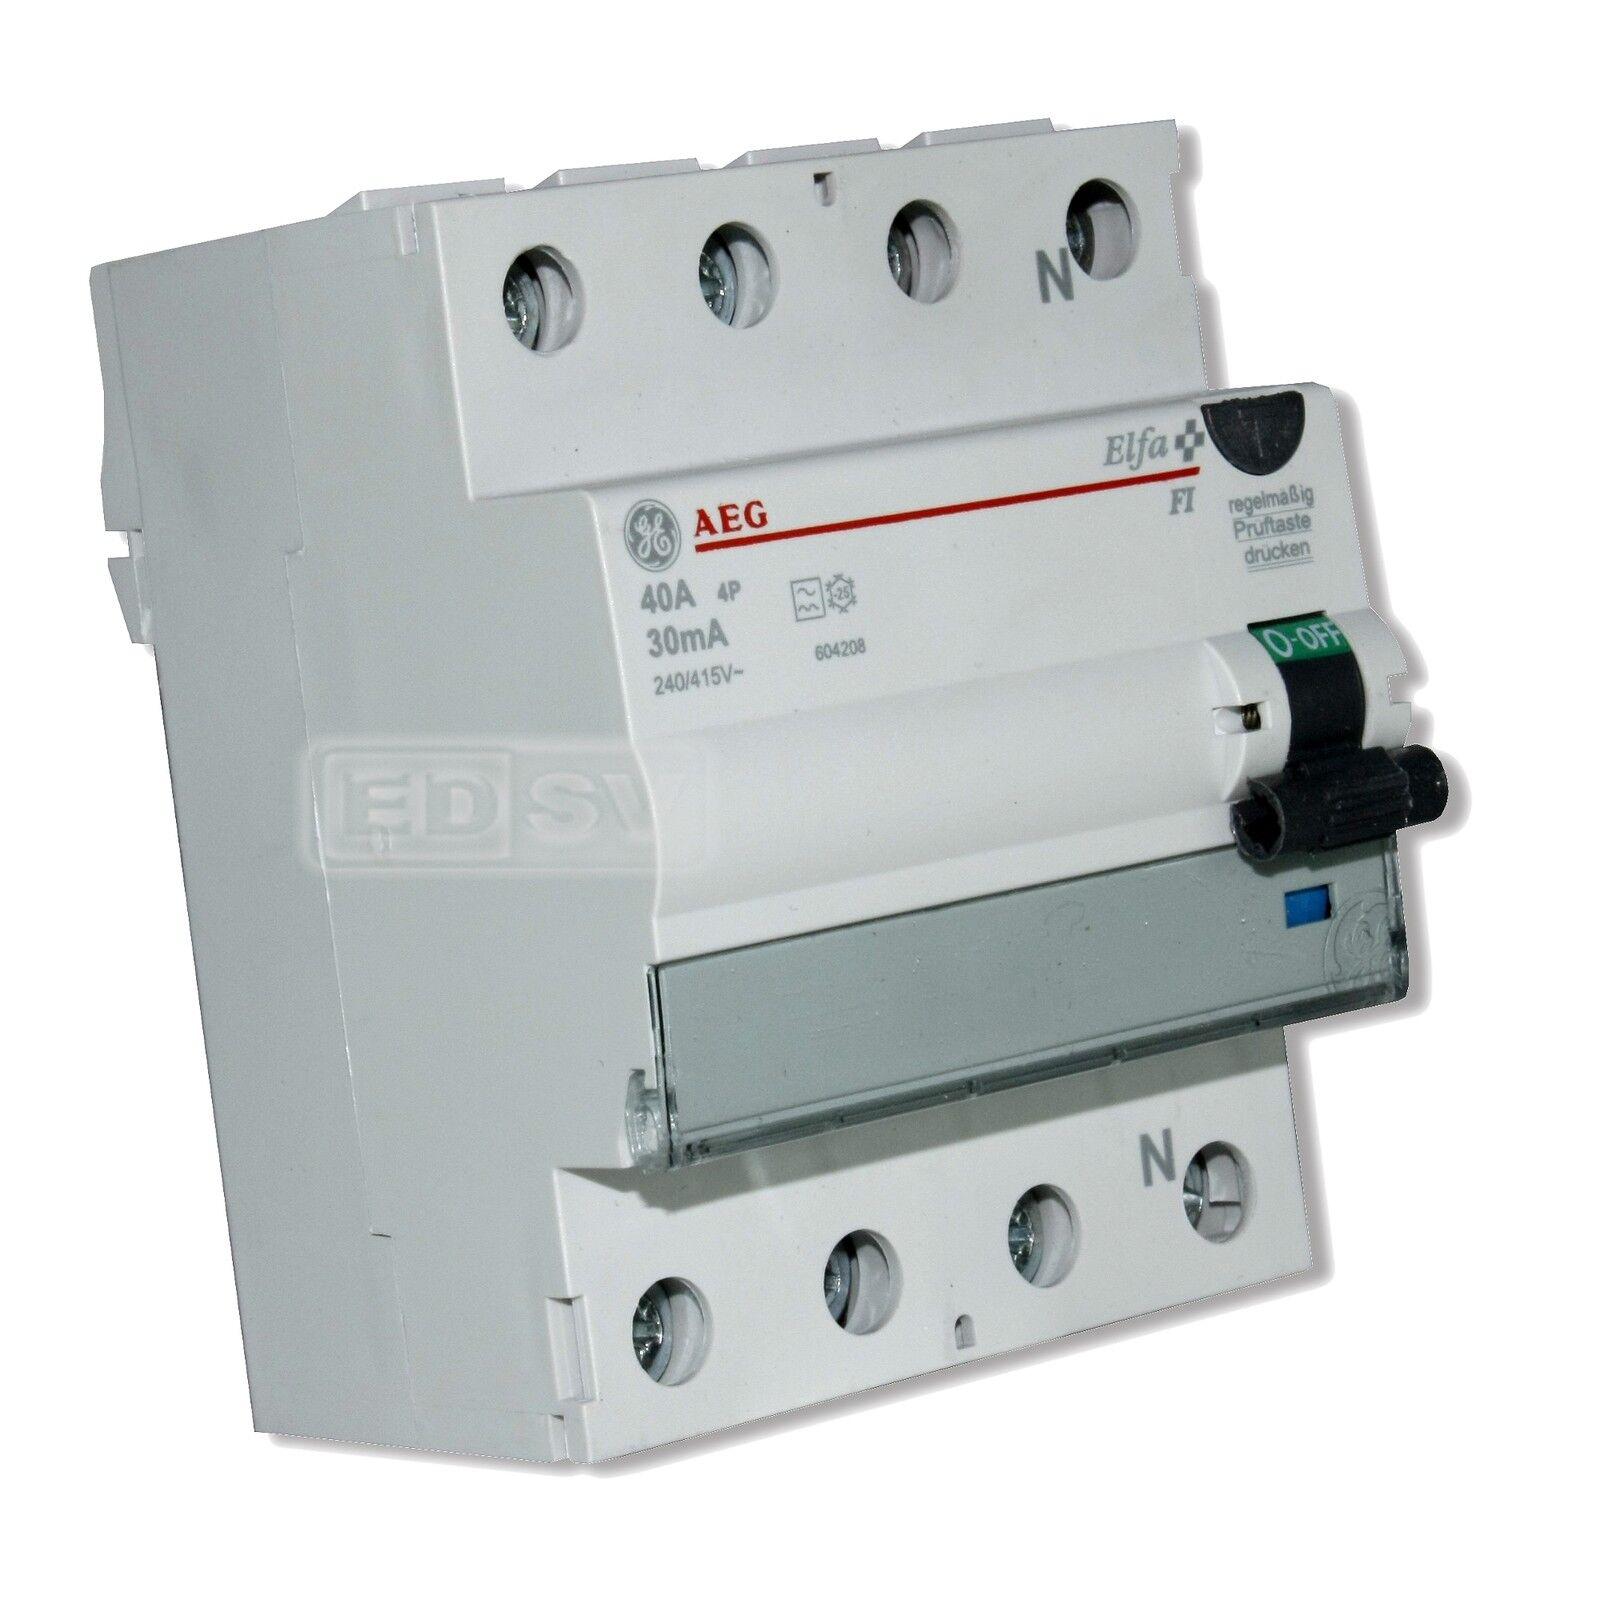 FI Schalter 4 polig 63 Ampere 0,5 Ampere